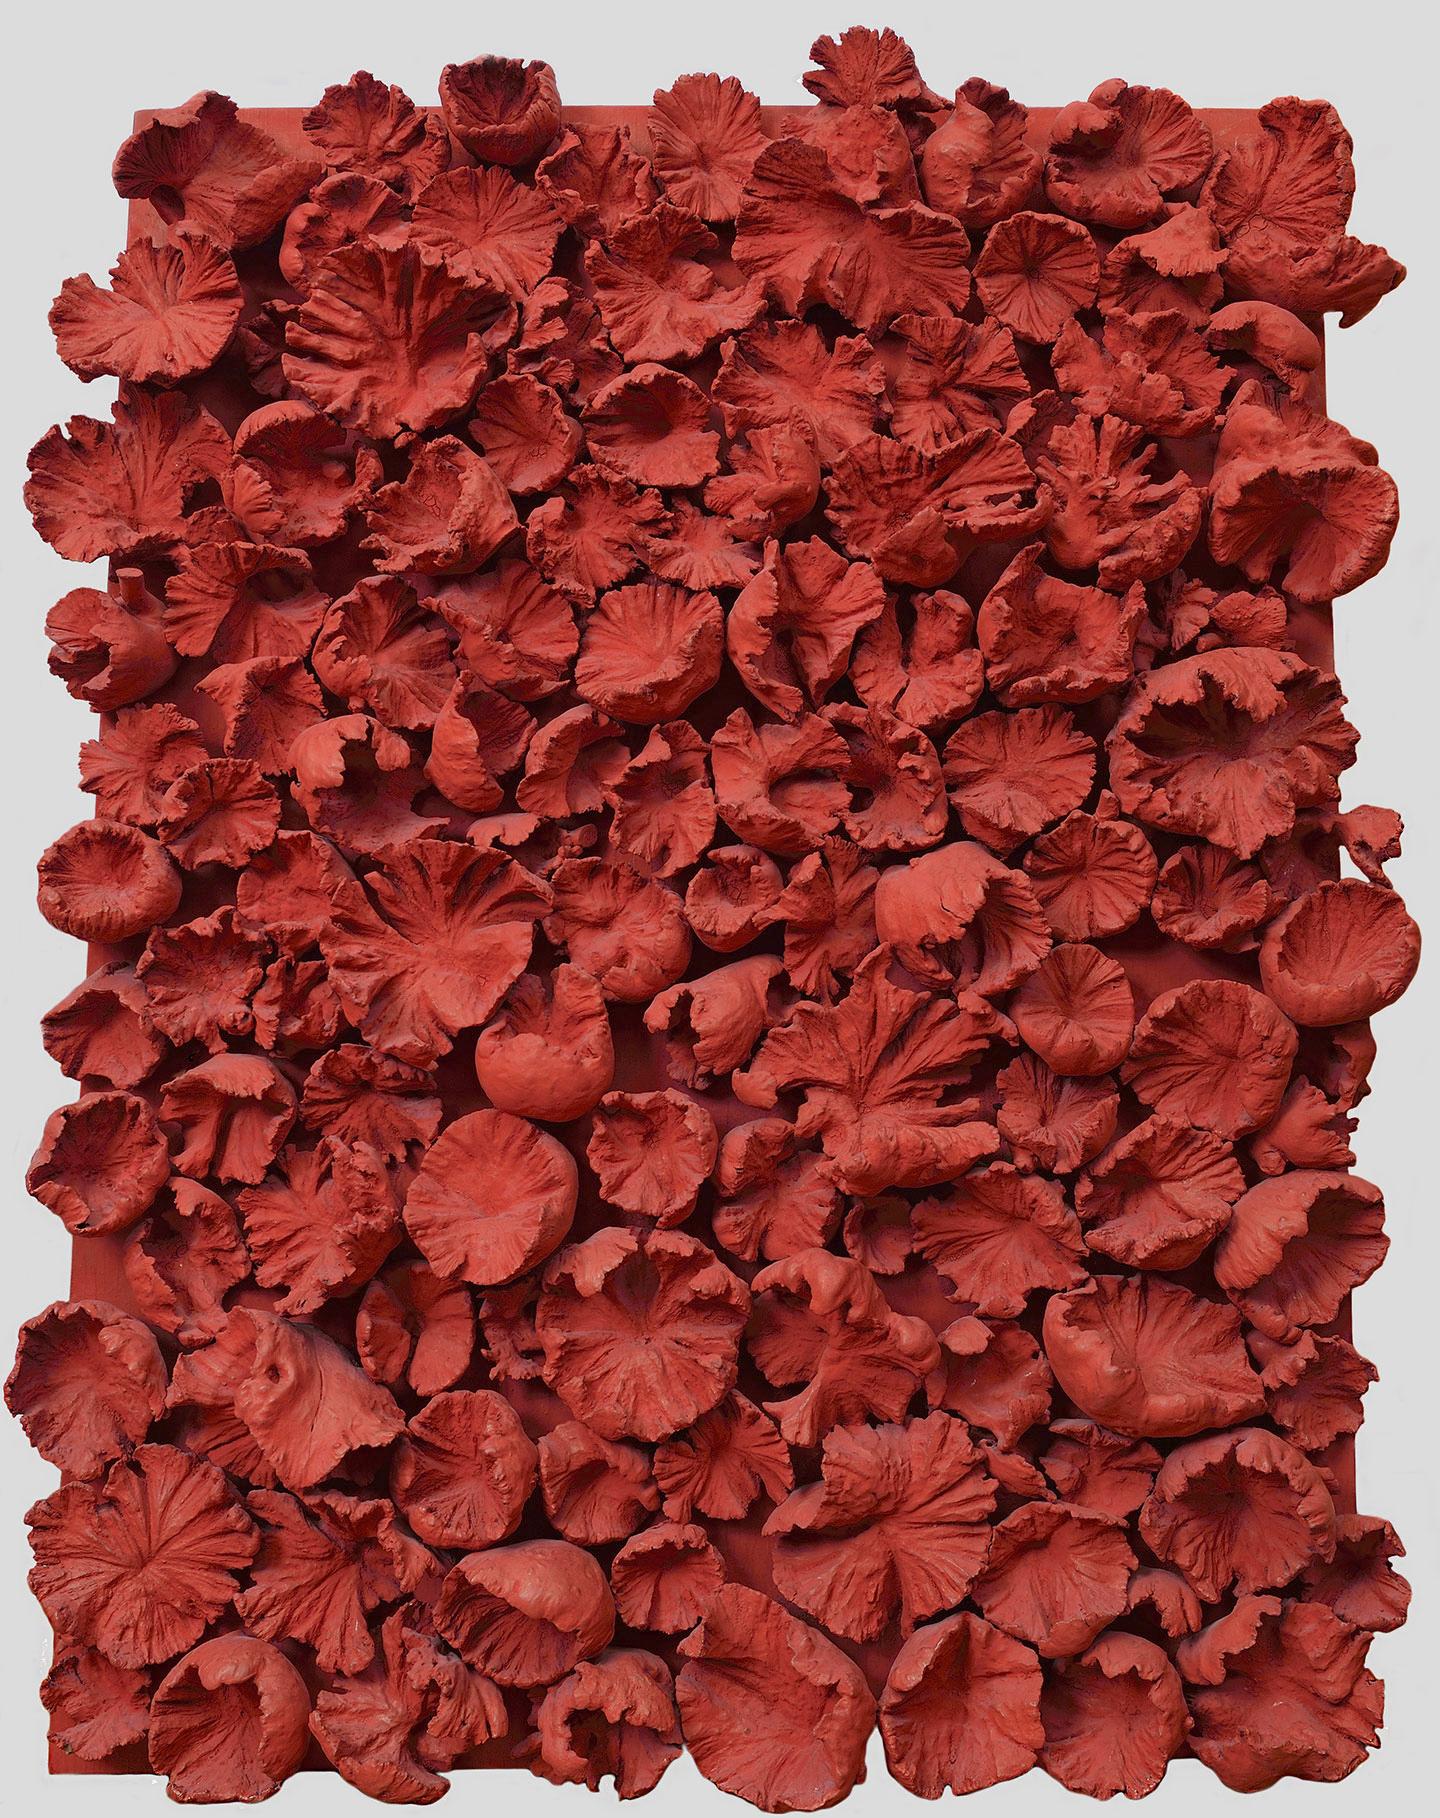 Composition Rouge - Frans Krajcberg, 1965 - Végétaux et pigmen